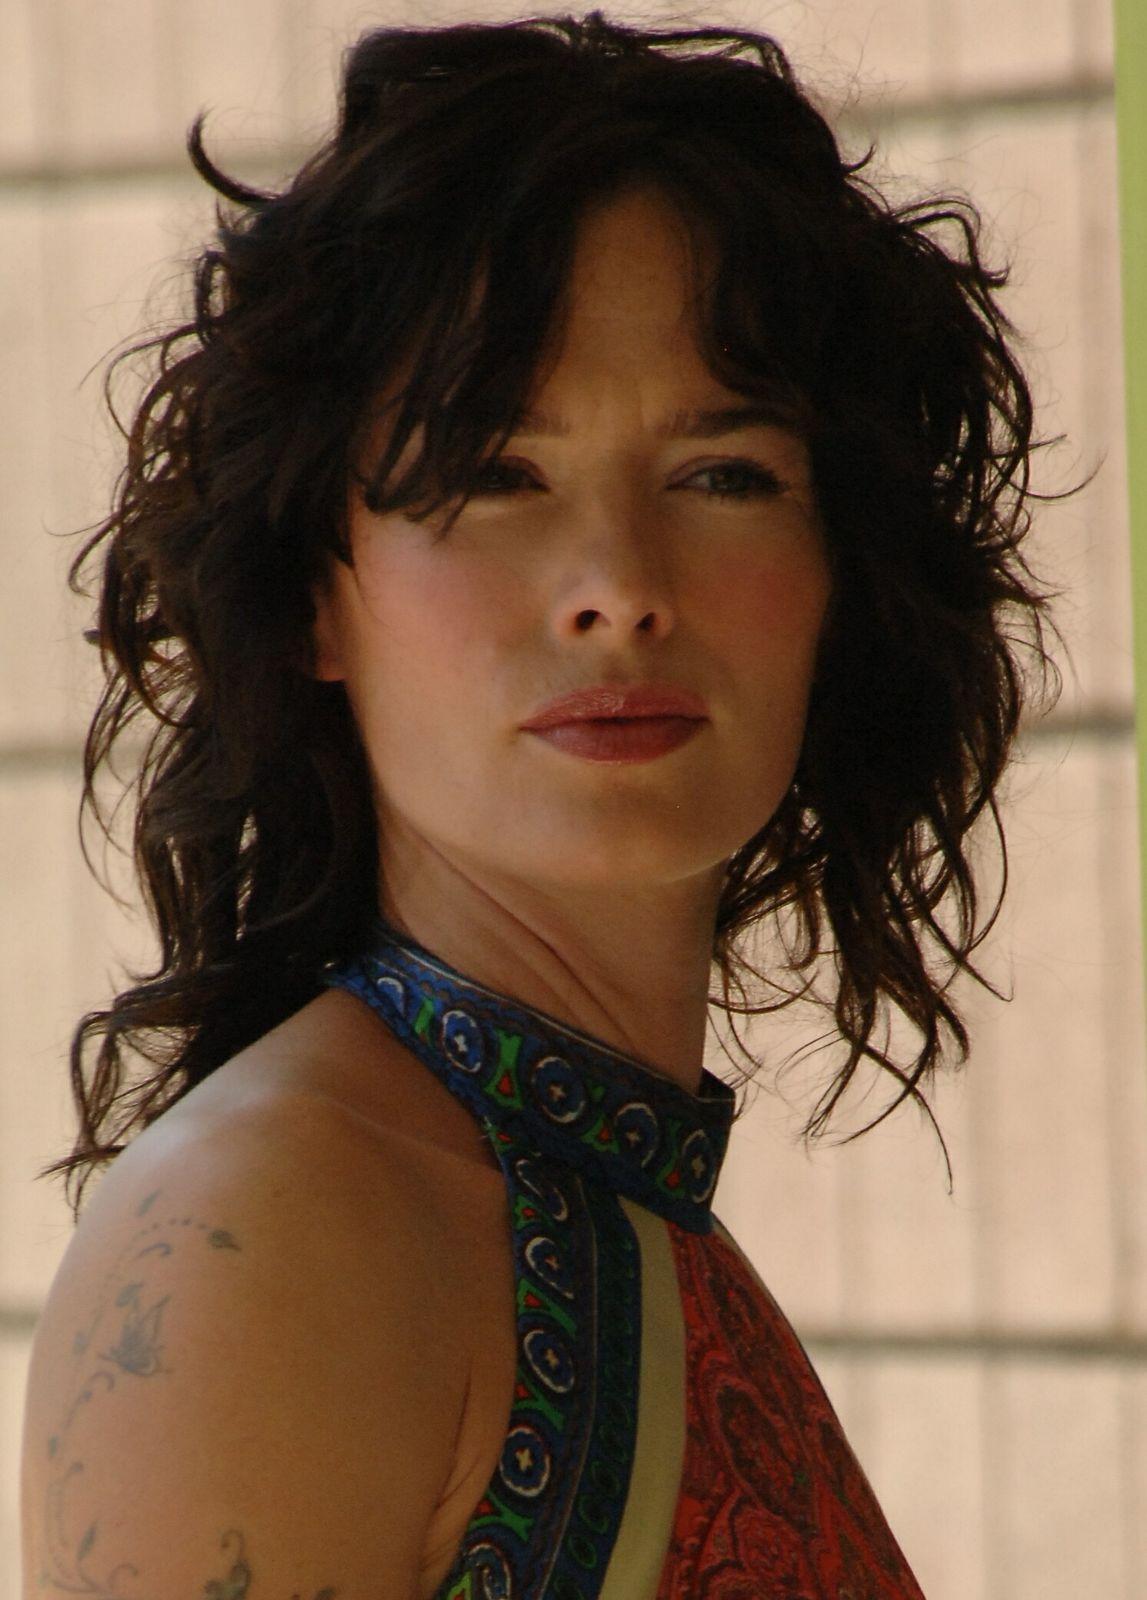 http://1.bp.blogspot.com/-nUn8W7skMLU/T3Iy4bGccSI/AAAAAAAAAXY/X3FGY5F-MLo/s1600/Lena+(9).jpg